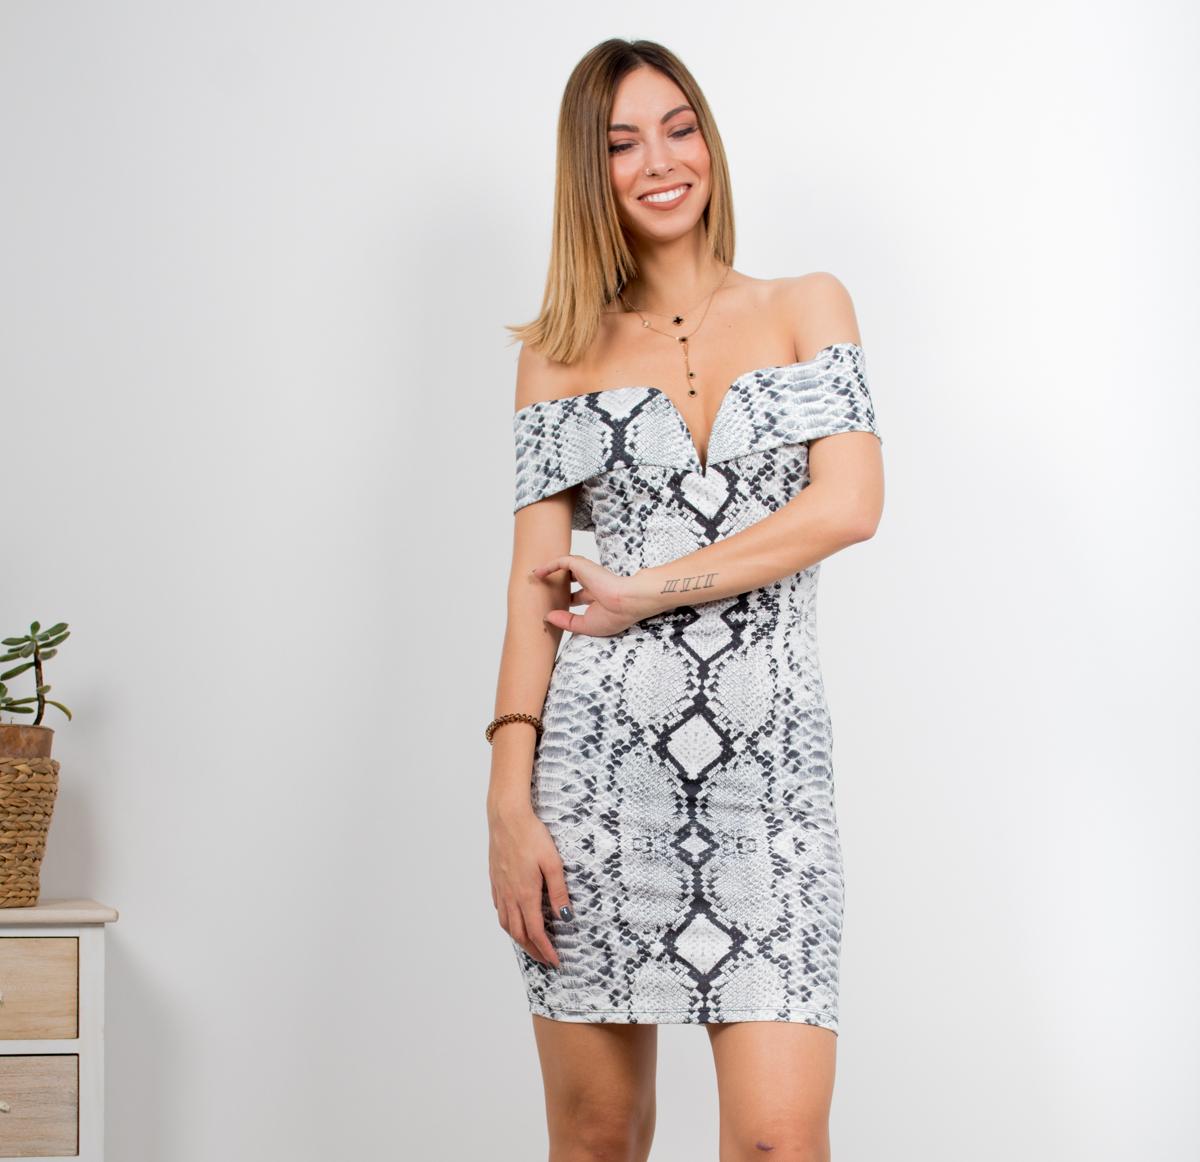 71ab743eb1b2 Φόρεμα στράπλες φίδι